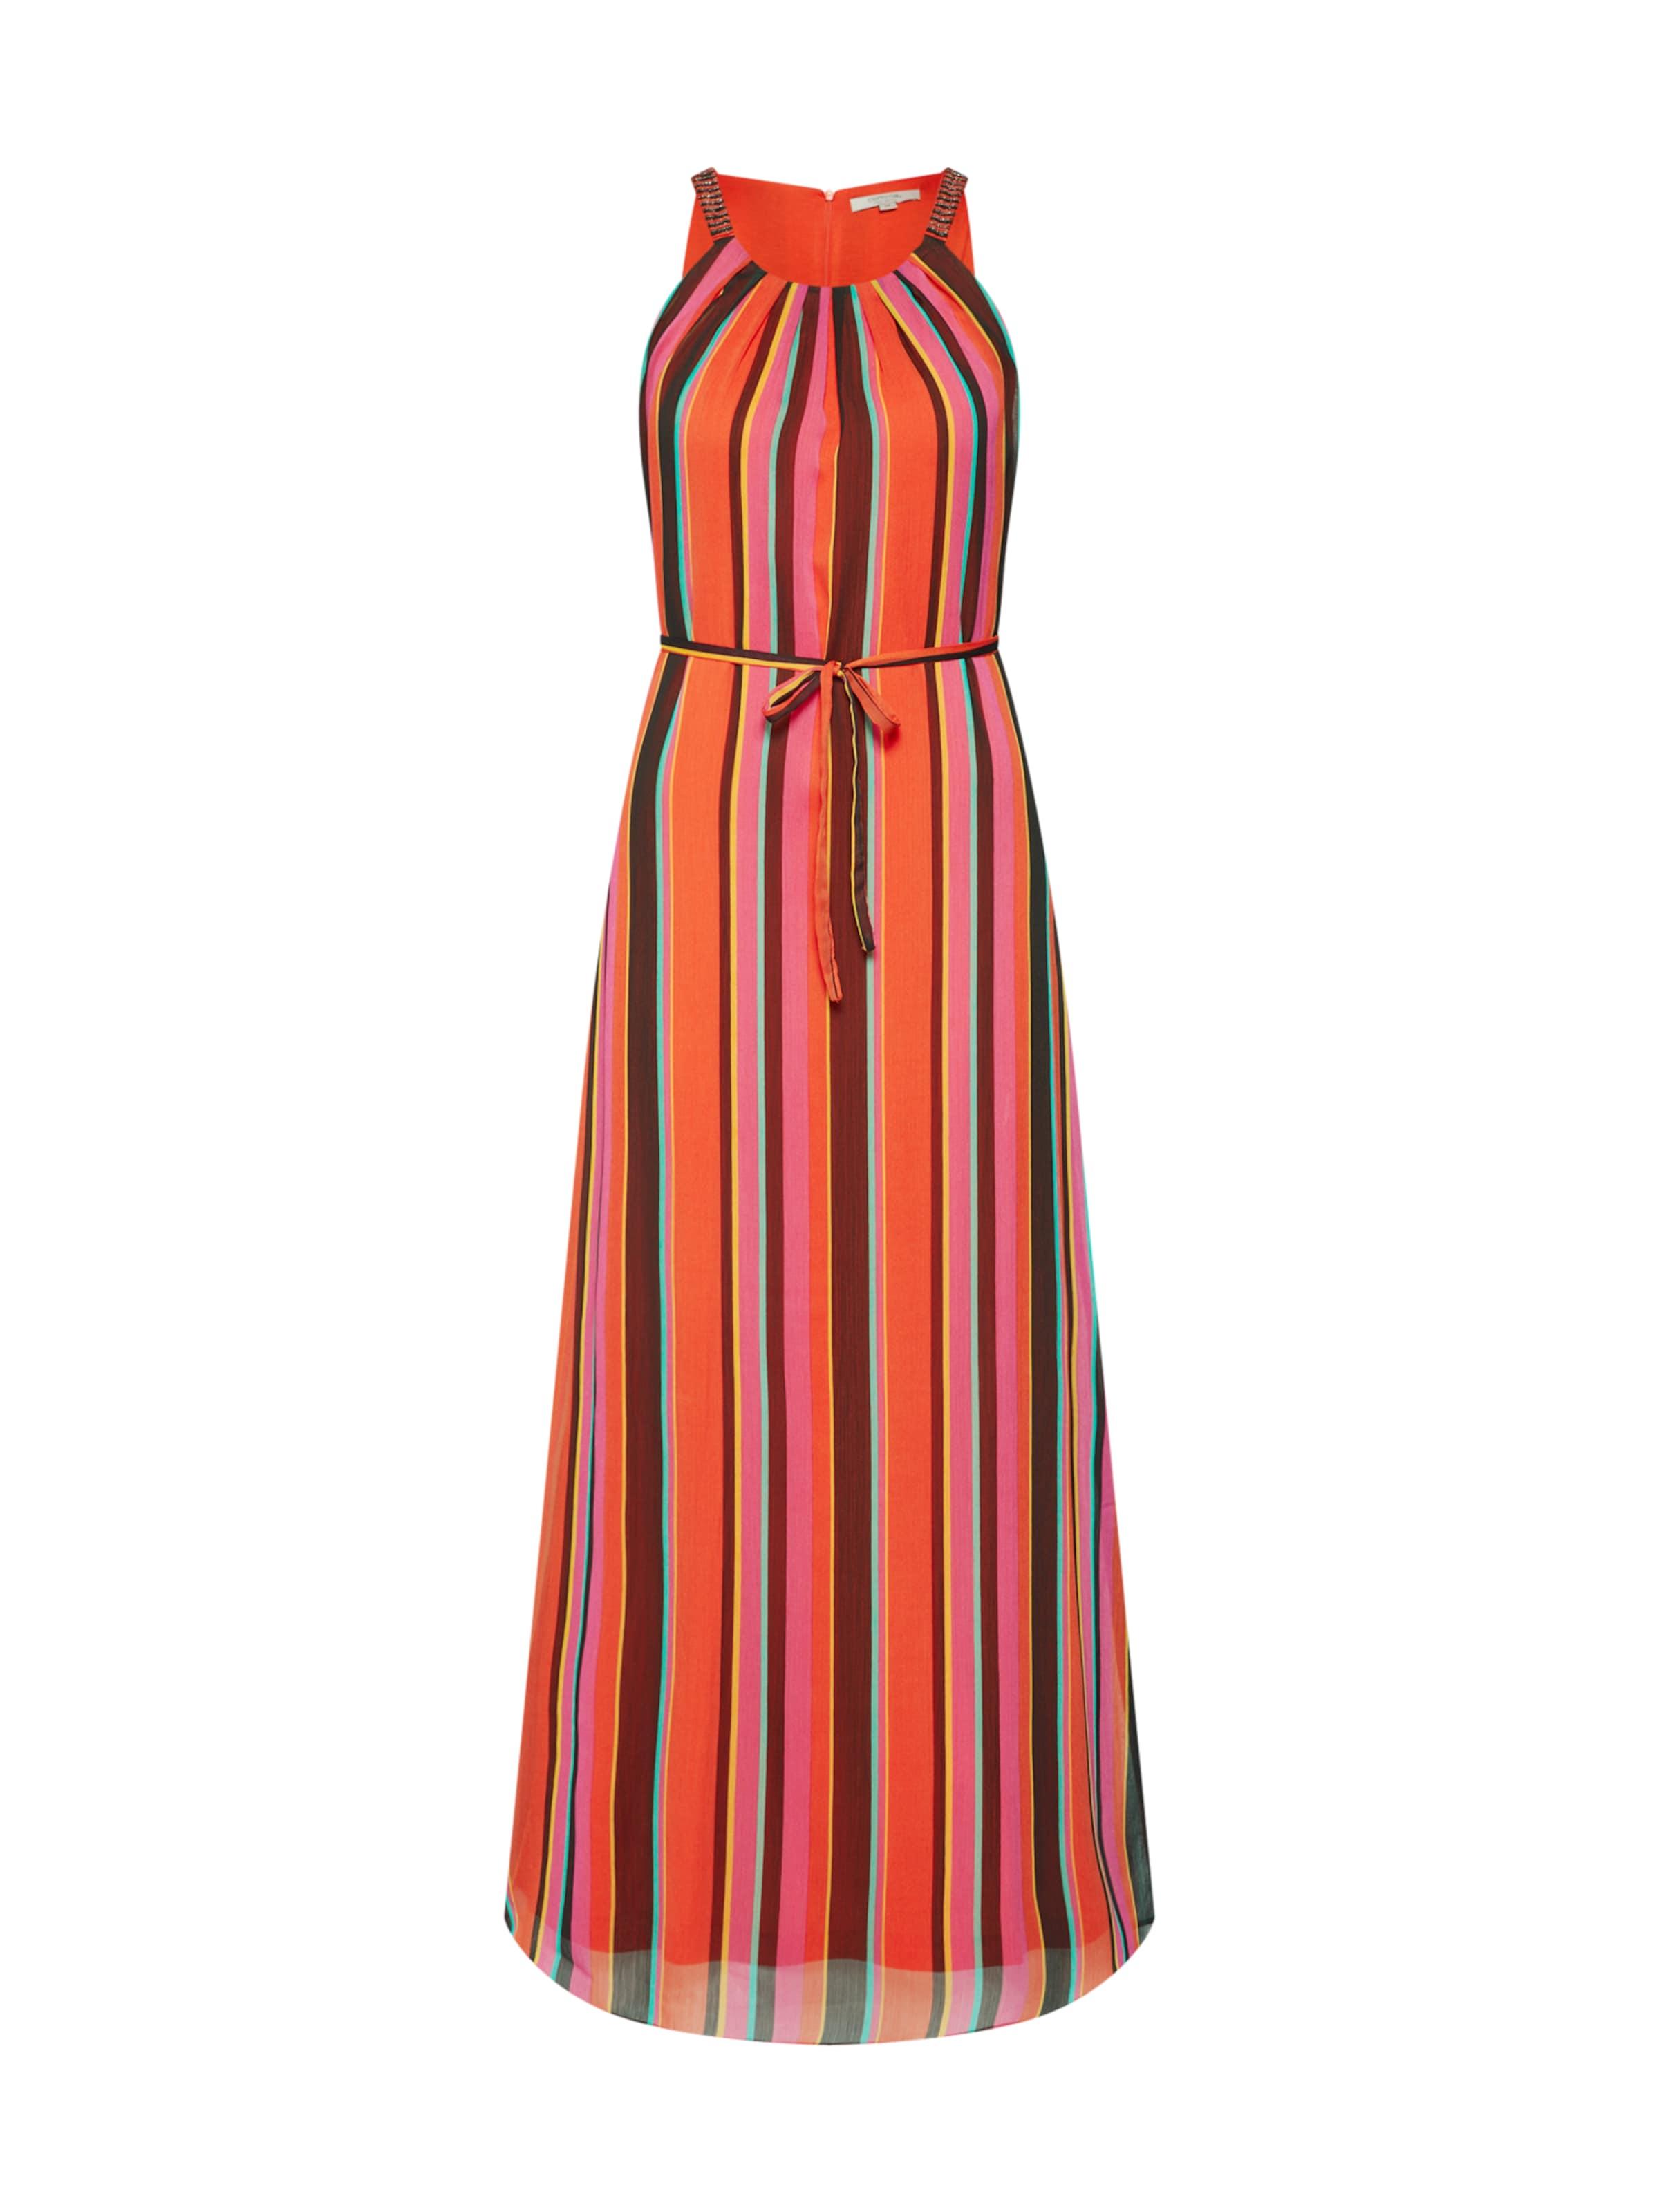 Comma Kleid In In OrangerotSchwarz OrangerotSchwarz Kleid In OrangerotSchwarz Comma Kleid Comma oErxBWQCde